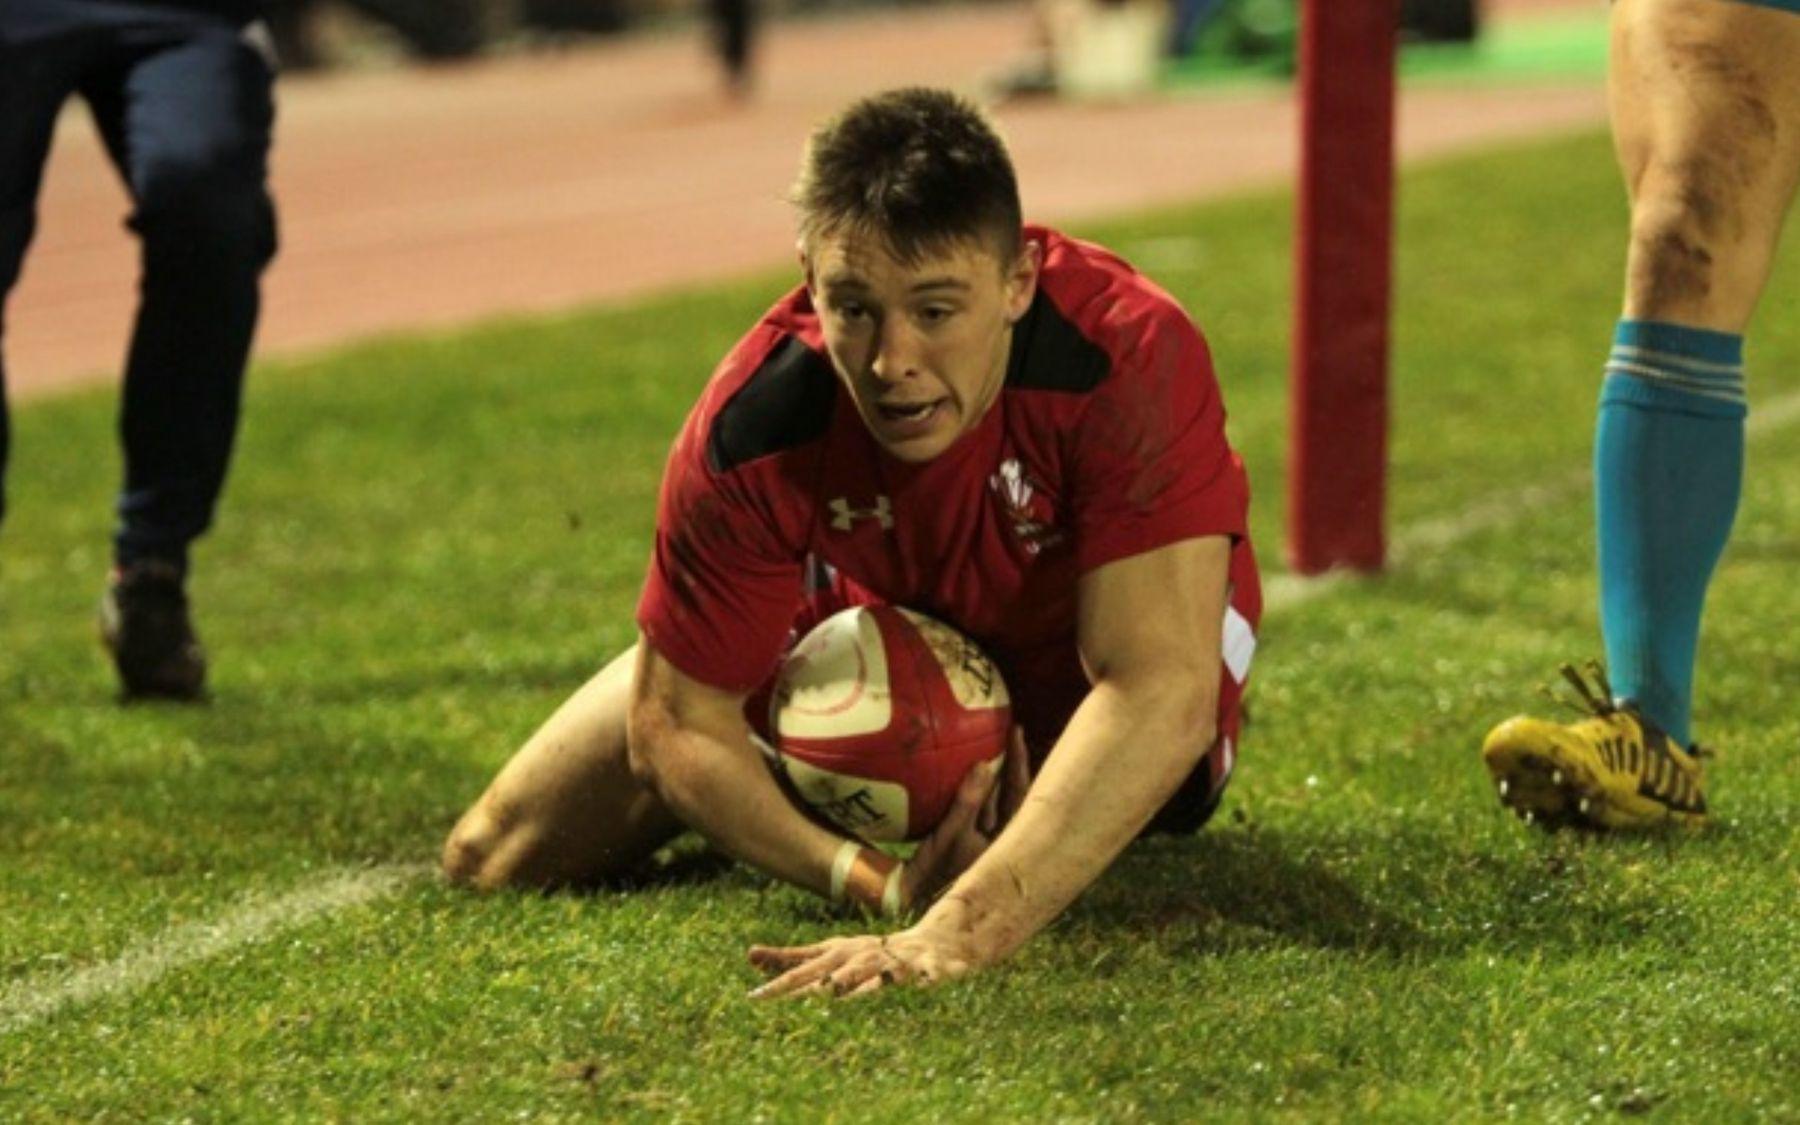 Hayward's delight at Italy victory